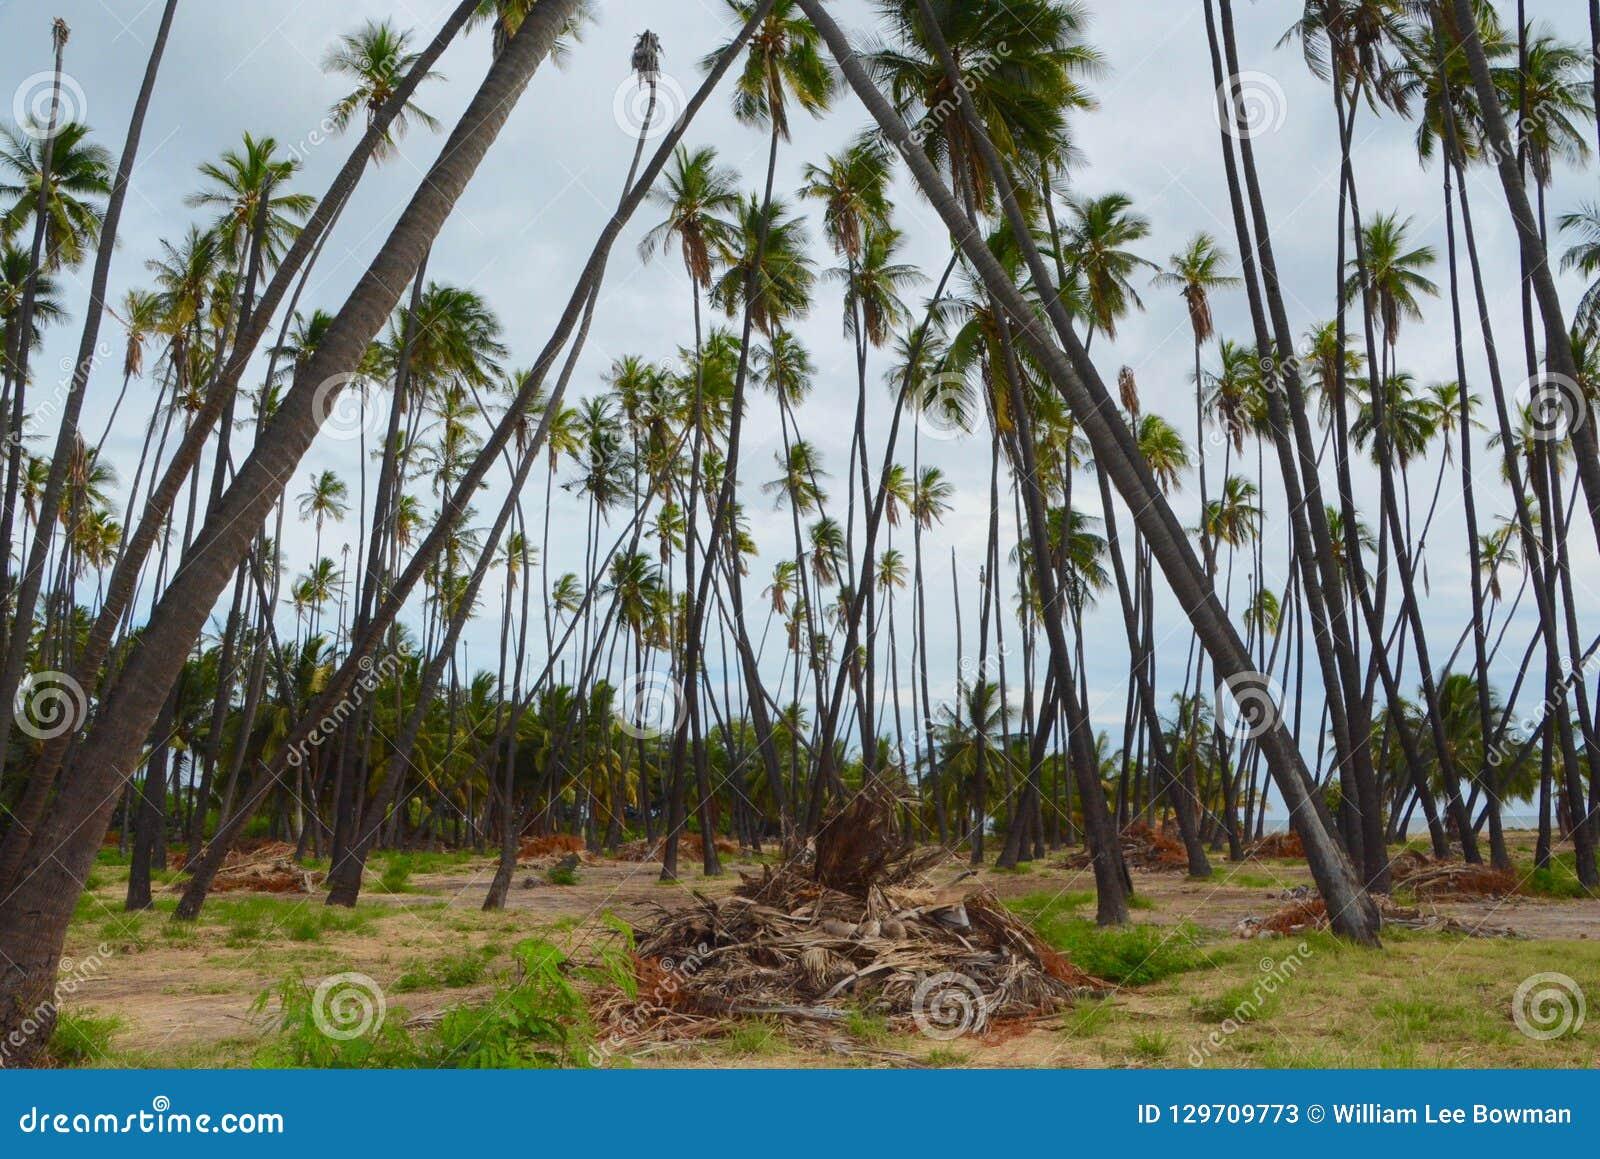 Bosque do coco de Kapuaiwa em Molokai